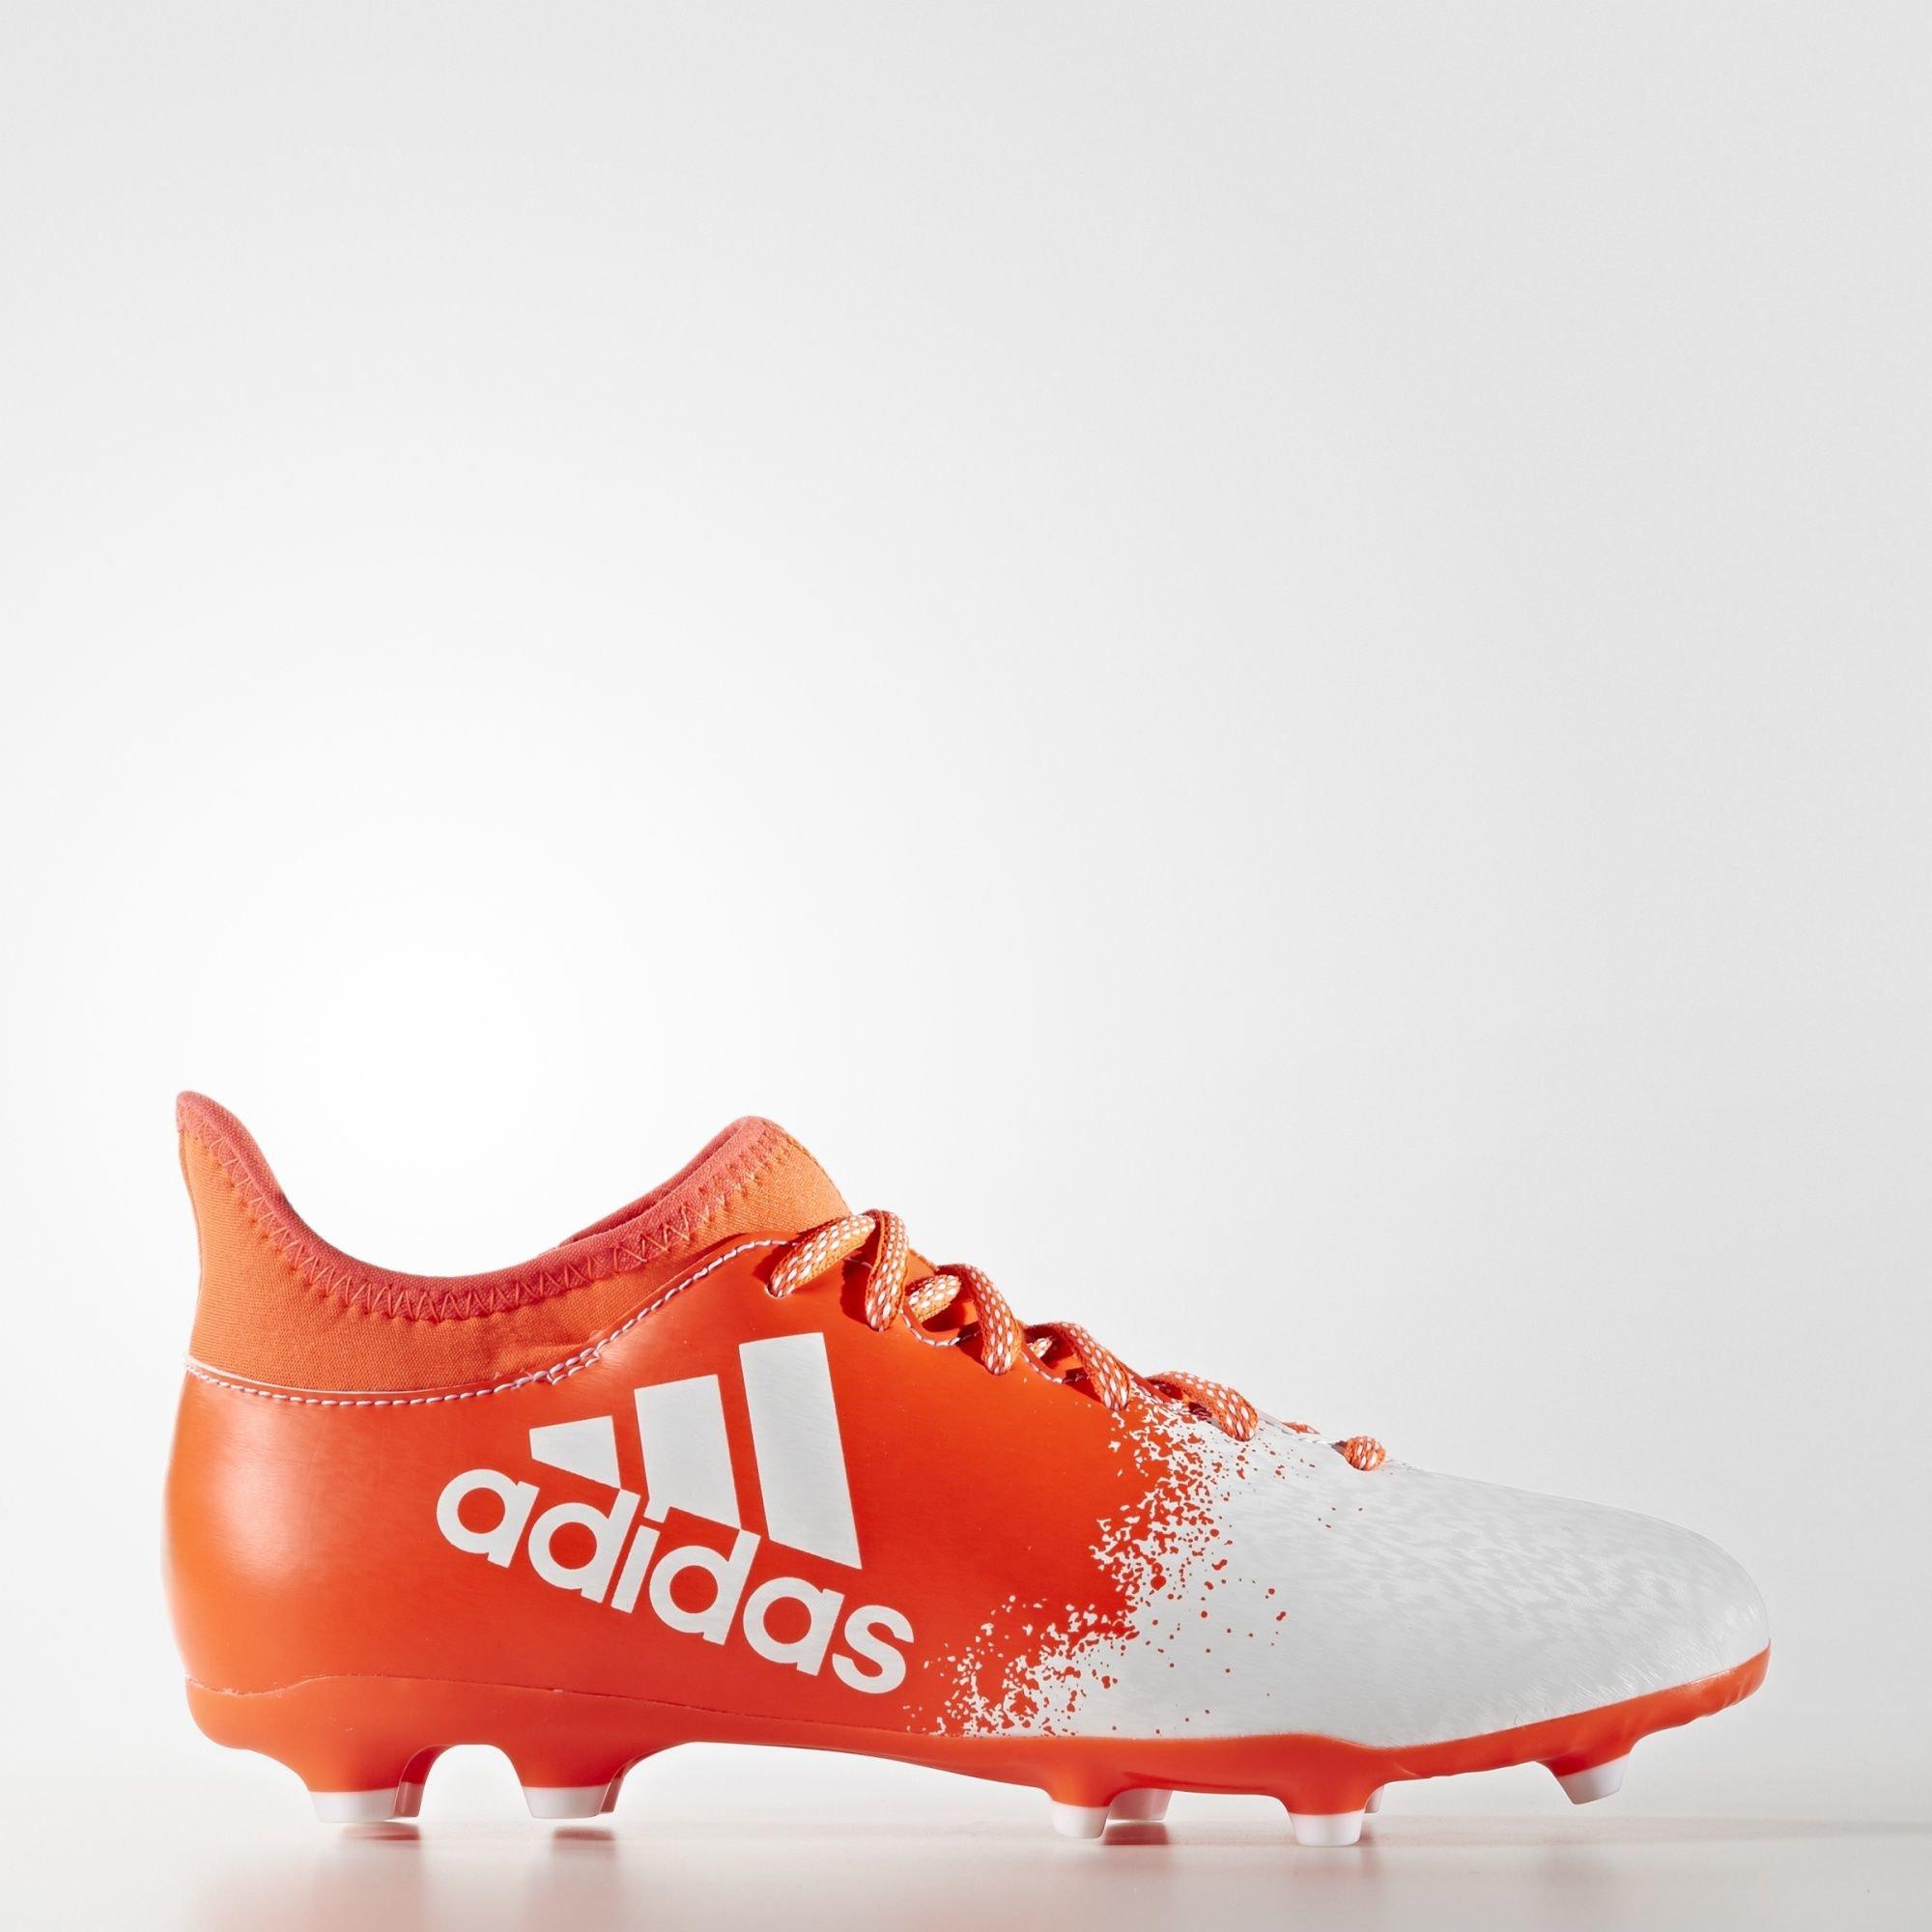 Футбольные бутсы (мяг.покр.) X 16.3 FG W adidas Performance Solar Red/White/Solar Red